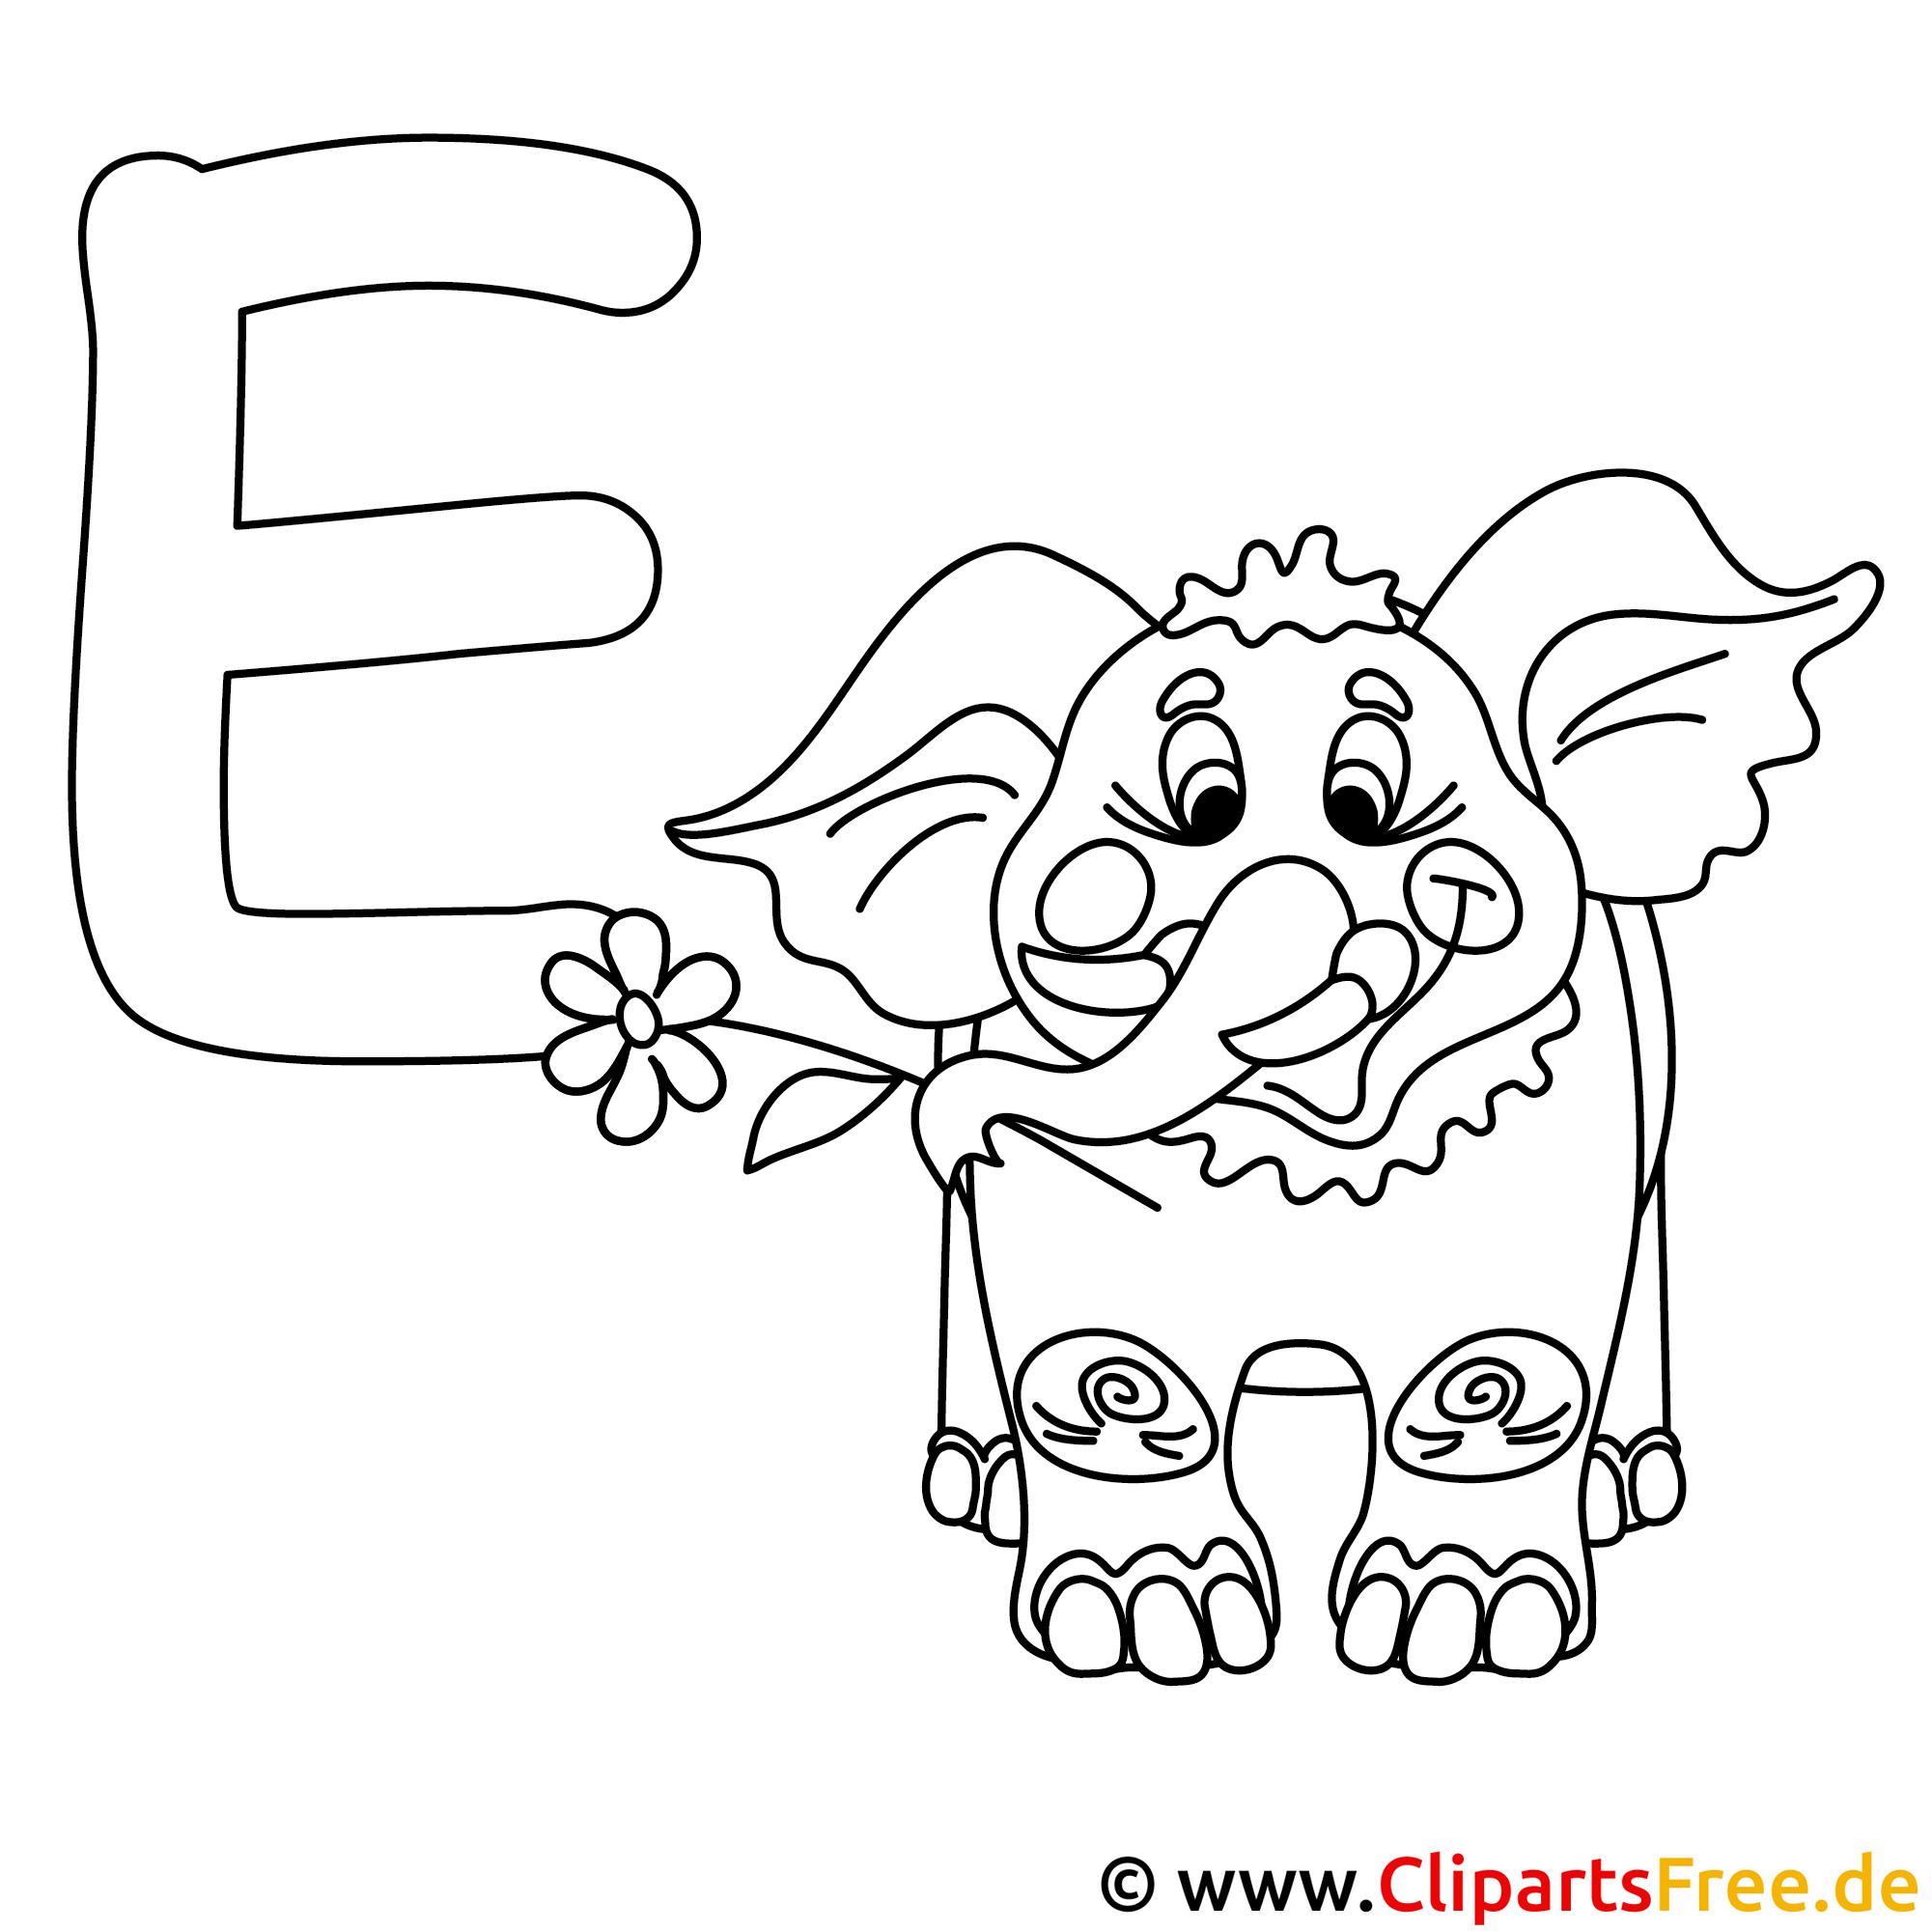 Elephant - Abc Buchstaben zum Ausmalen